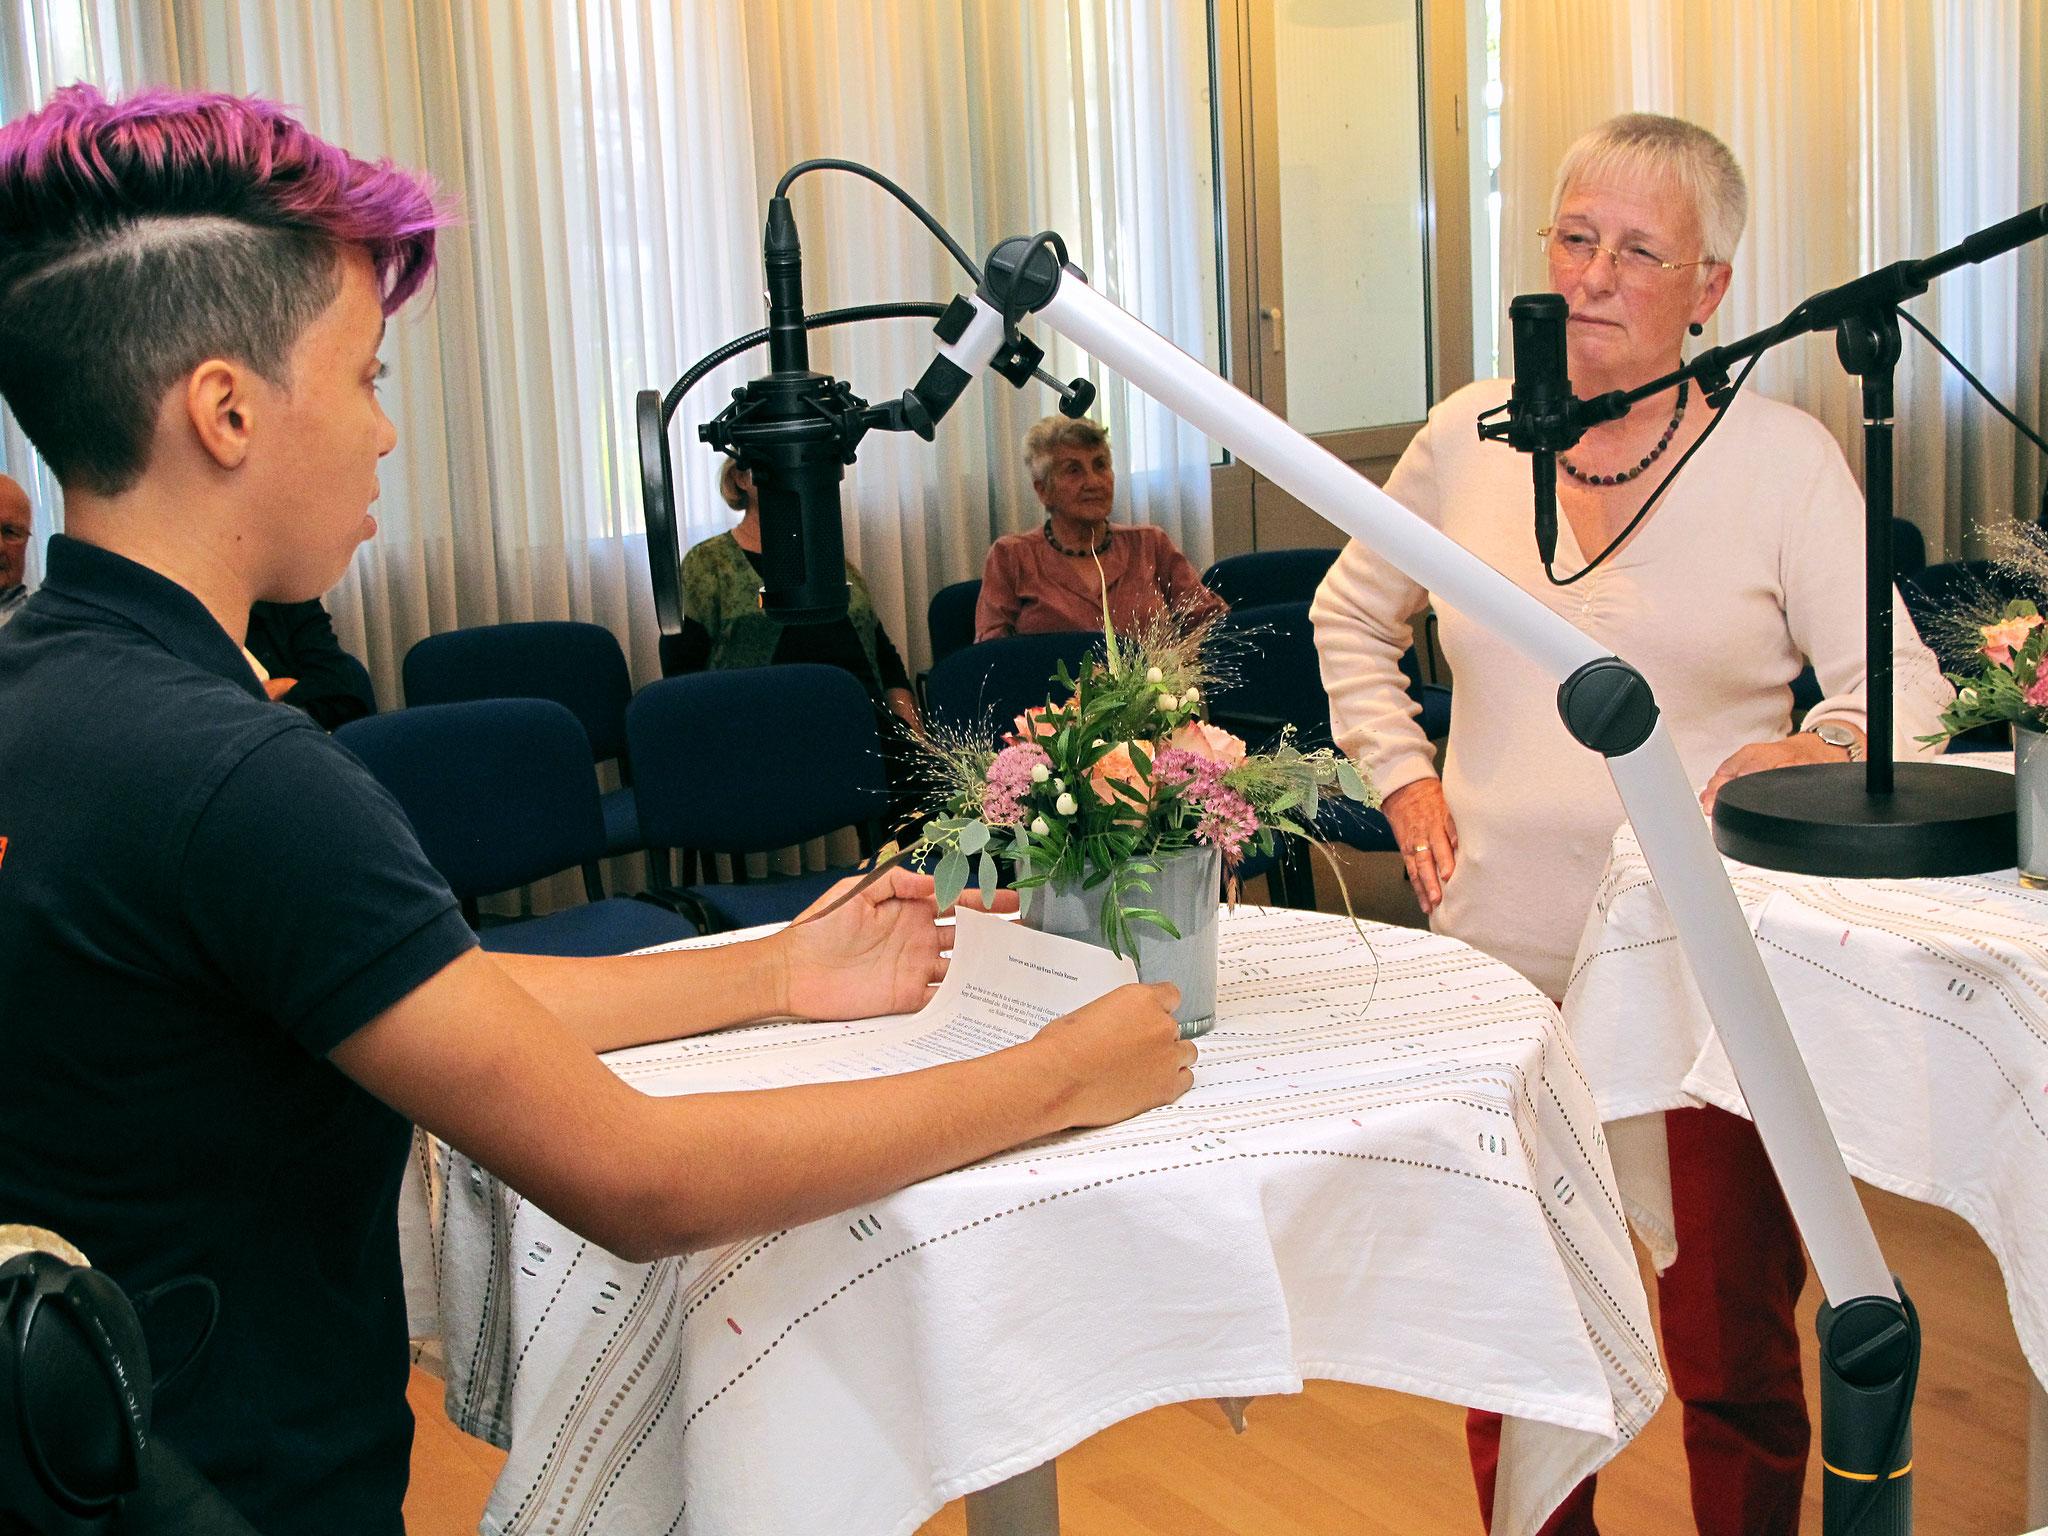 Ursula Rausser zu den Bildern von Fernand Sepp Rausser im Gespräch mit Belén